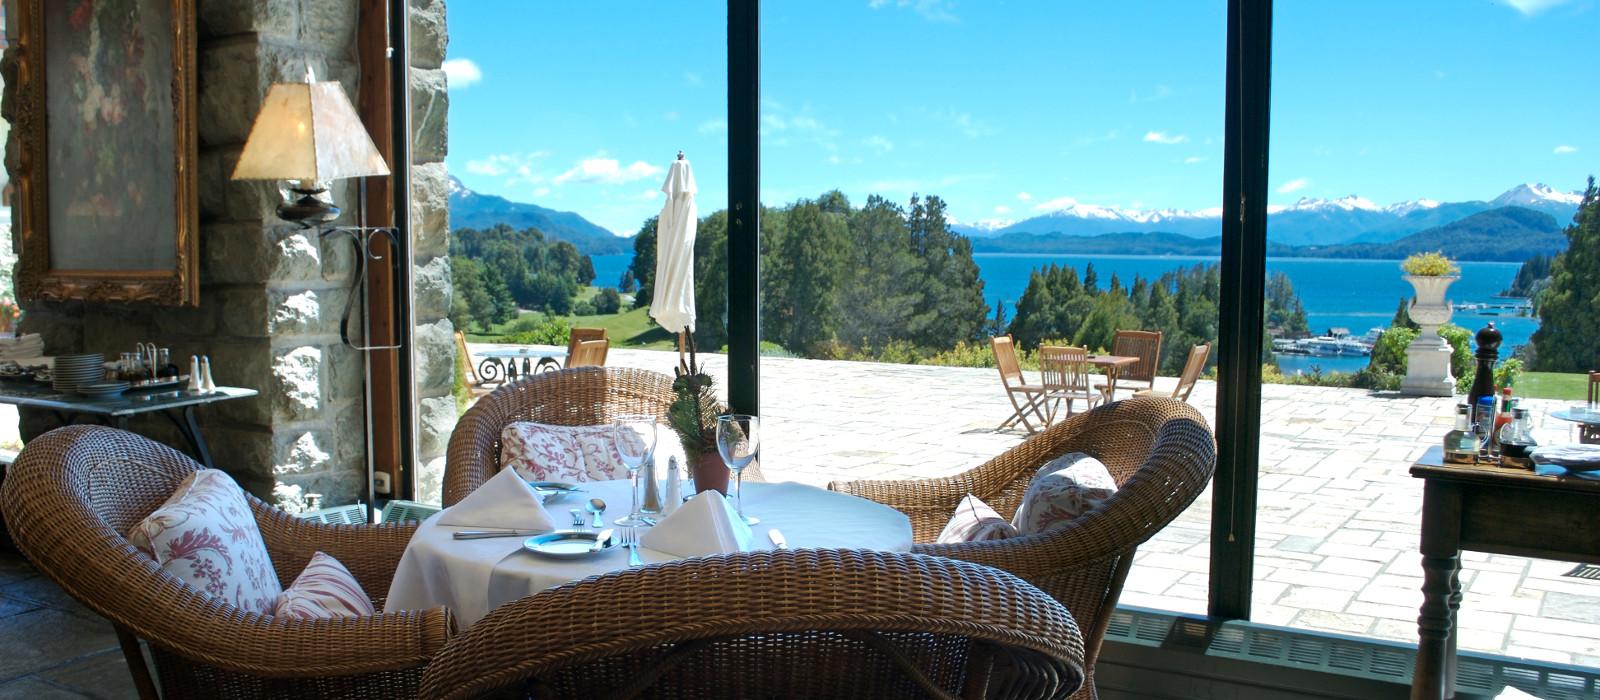 Hotel Llao Llao  & Resort Argentinien